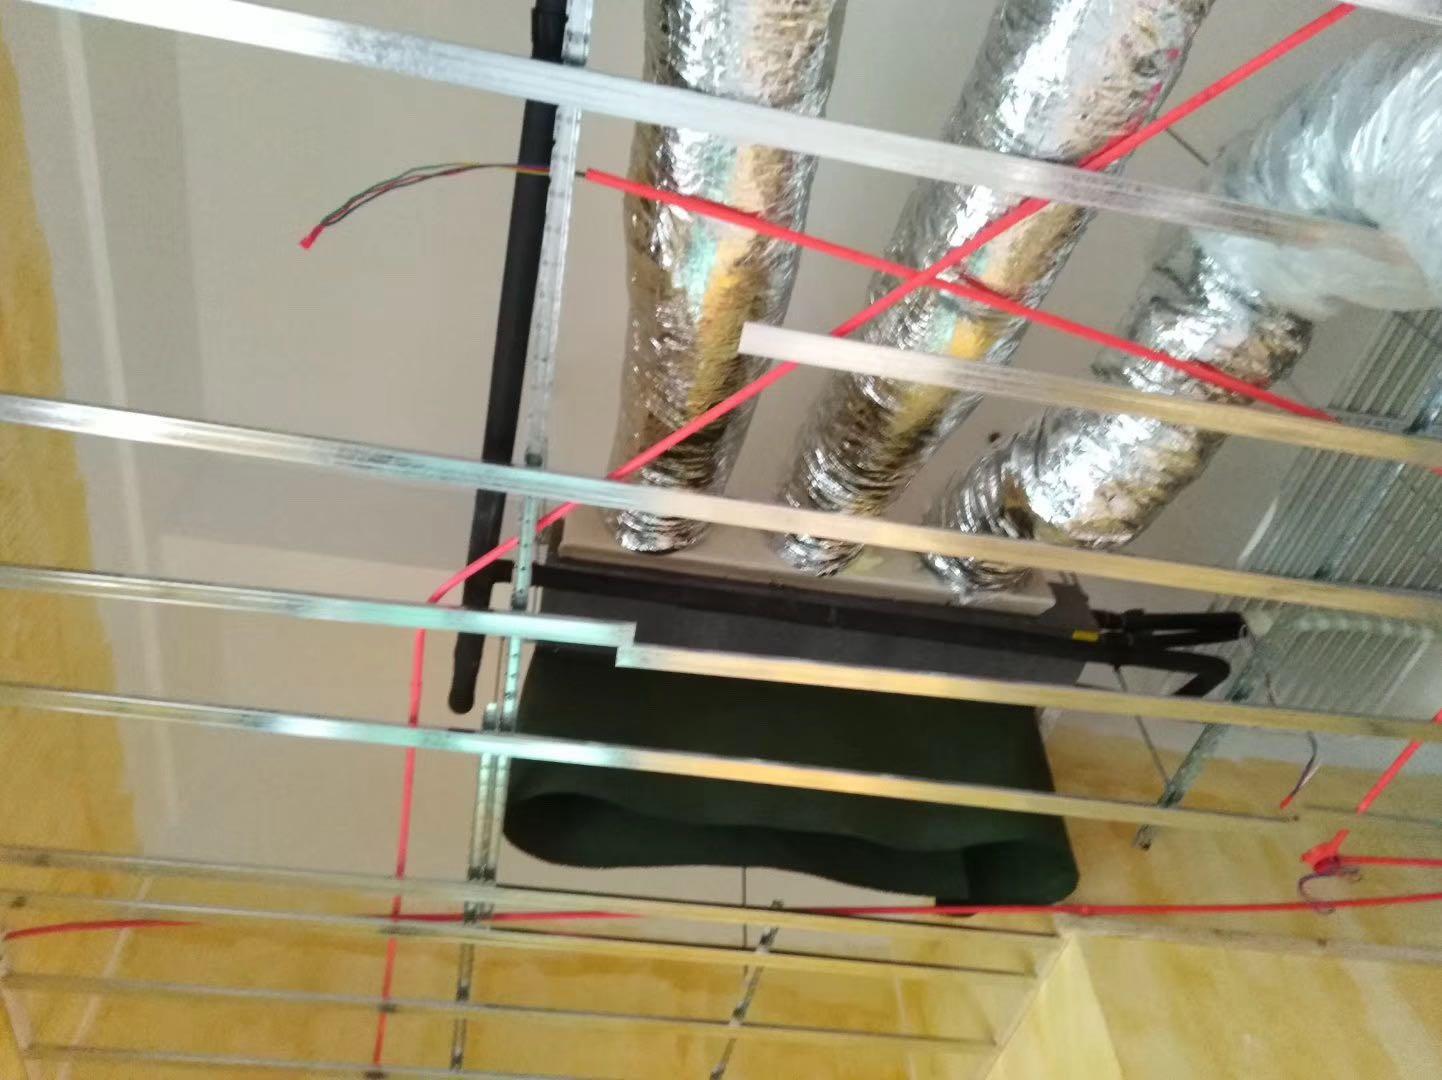 您有具体了解过德阳中央空调清洗以及更换冷冻油步骤吗?